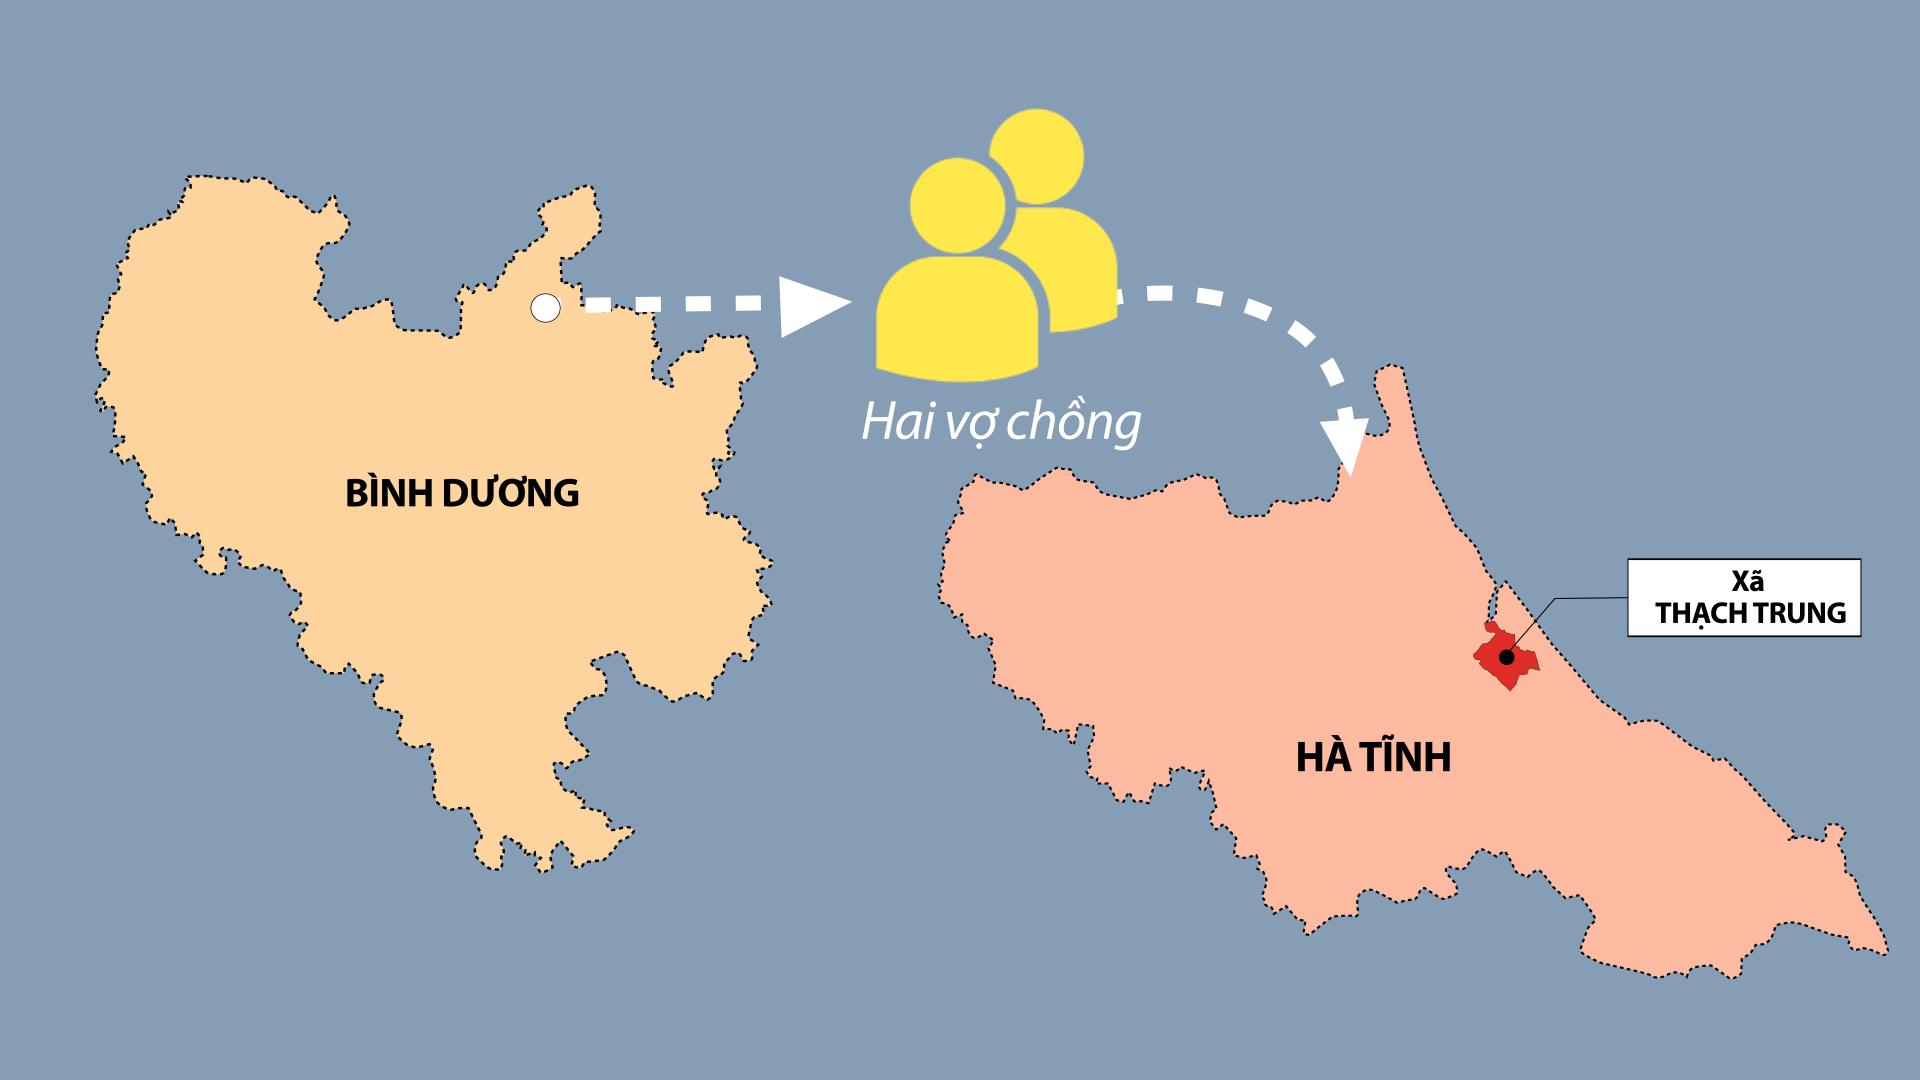 3 chuỗi lây Covid-19 ở Hà Tĩnh